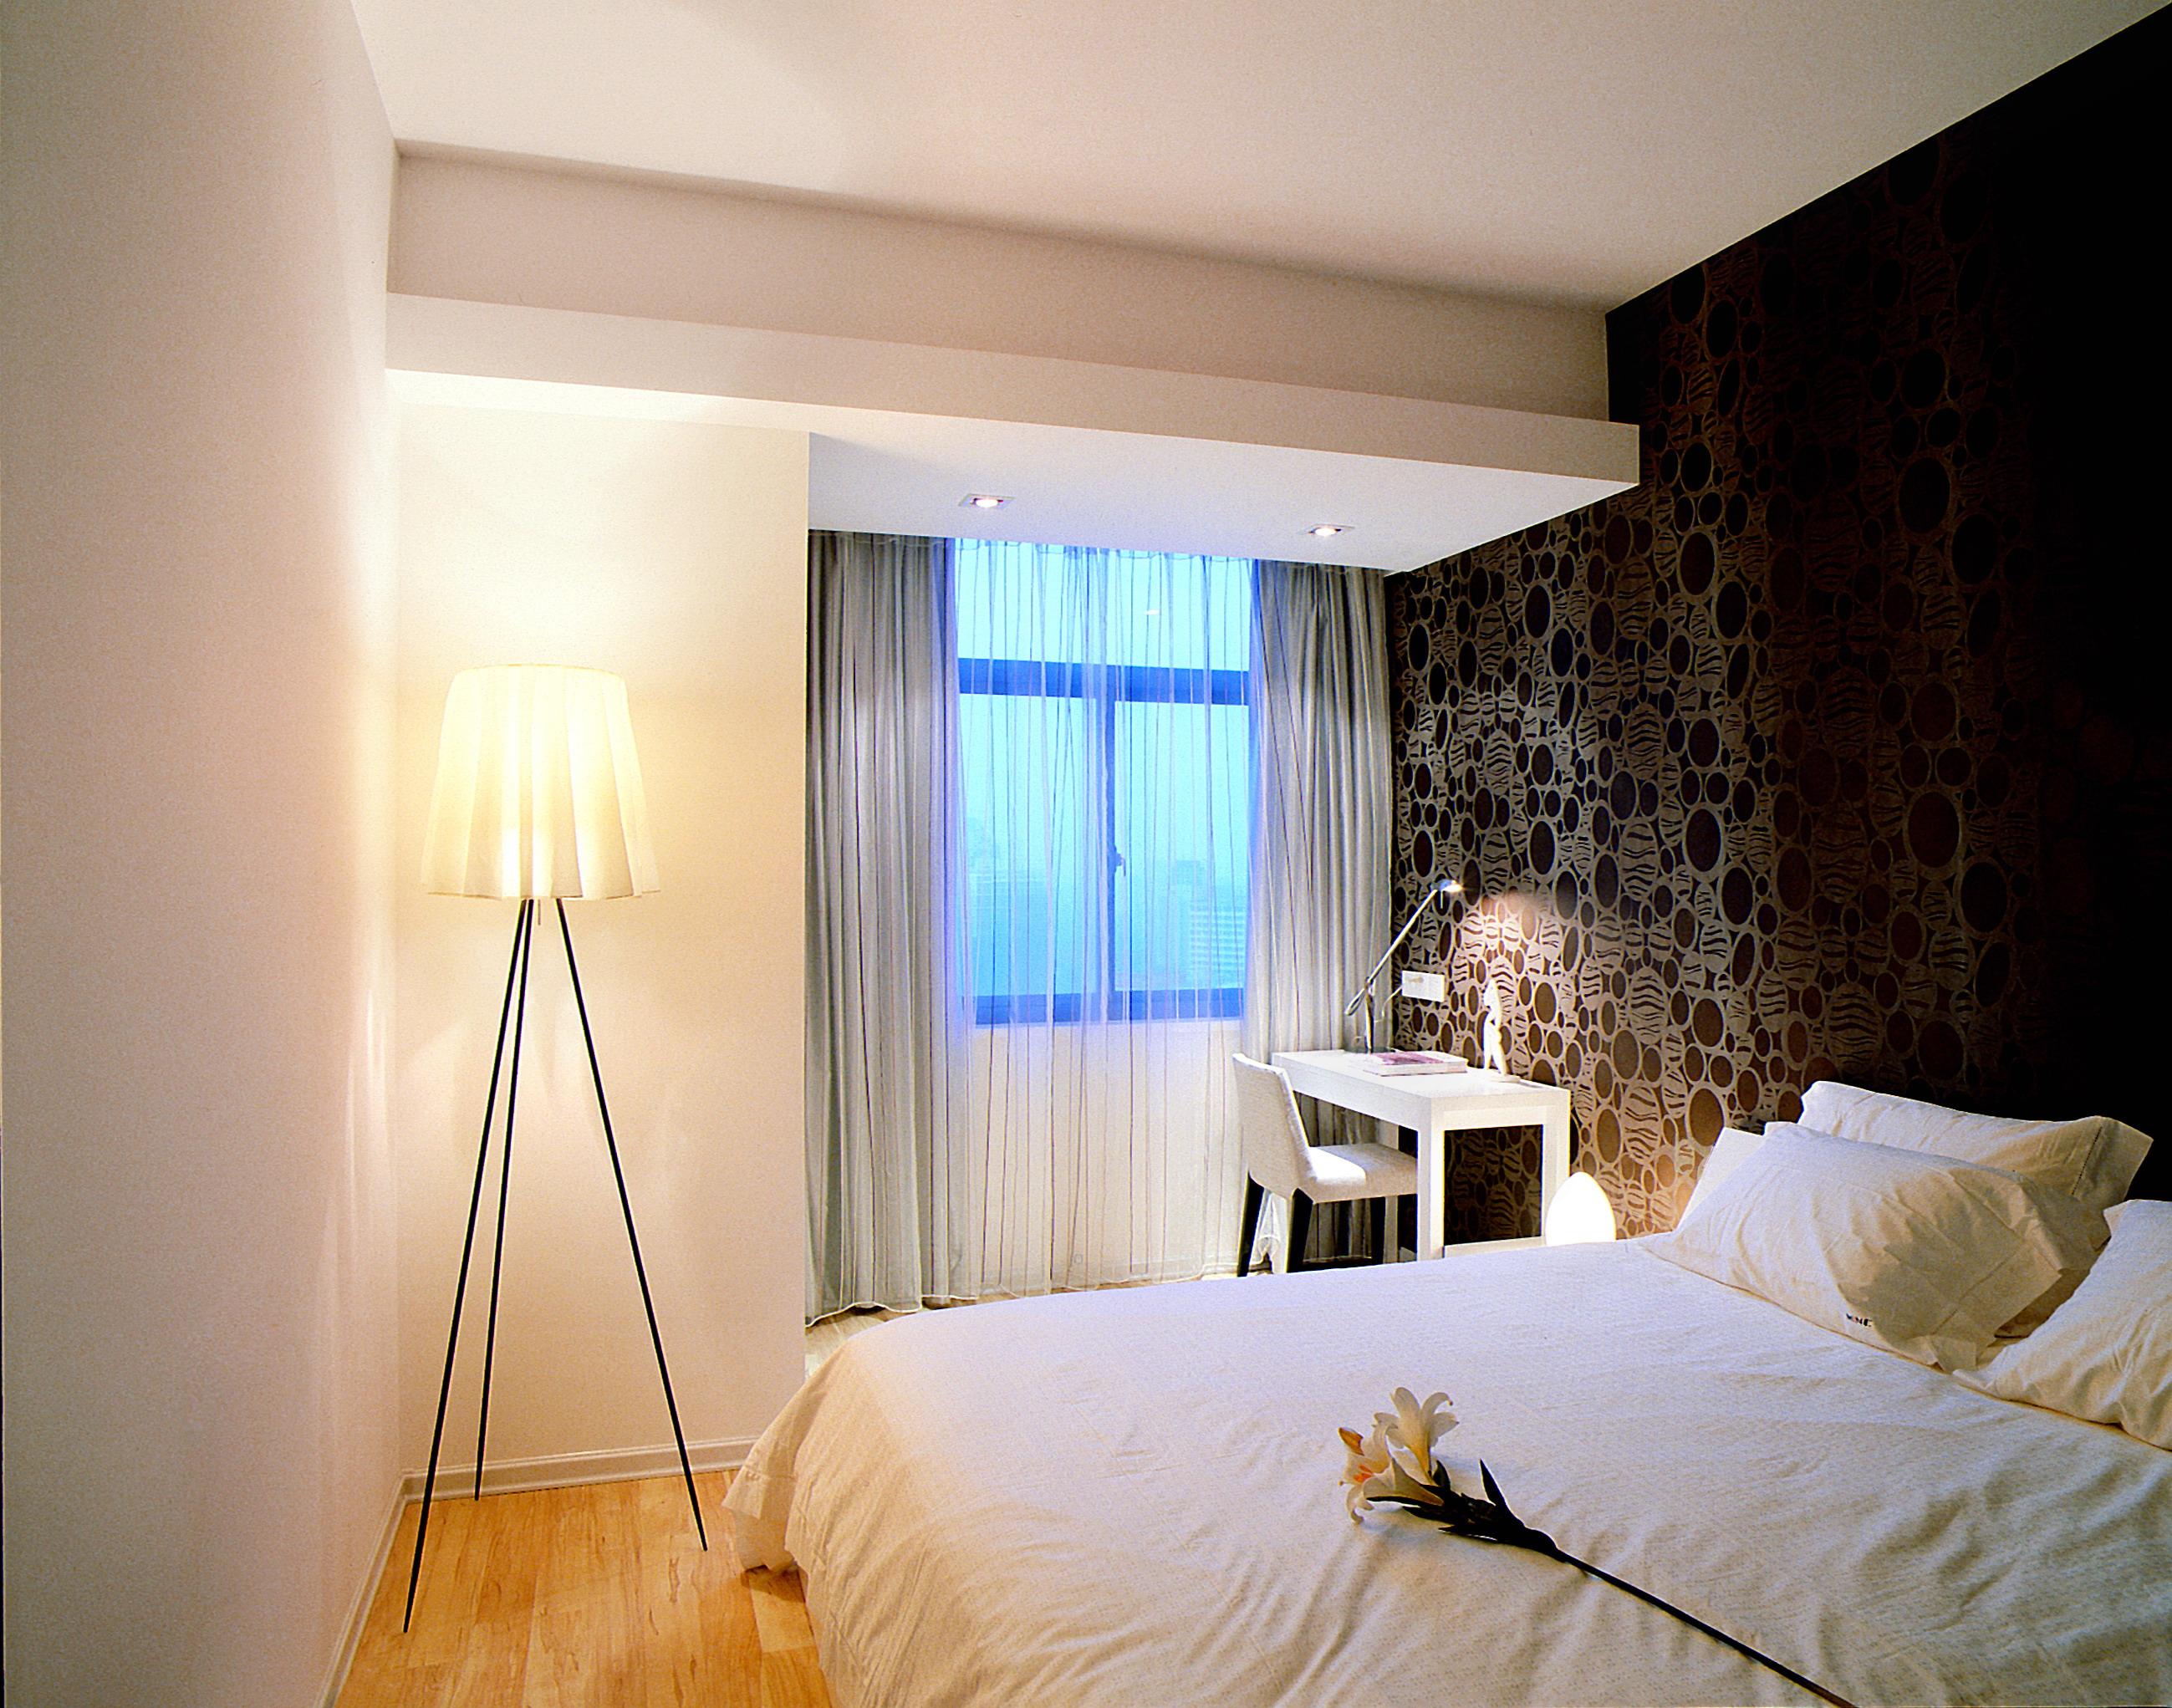 别墅装修 装修风格 装修设计 室内设计 北京软装 软装设计 卧室图片来自别墅装修设计yan在现代简约鲁能七号院的分享